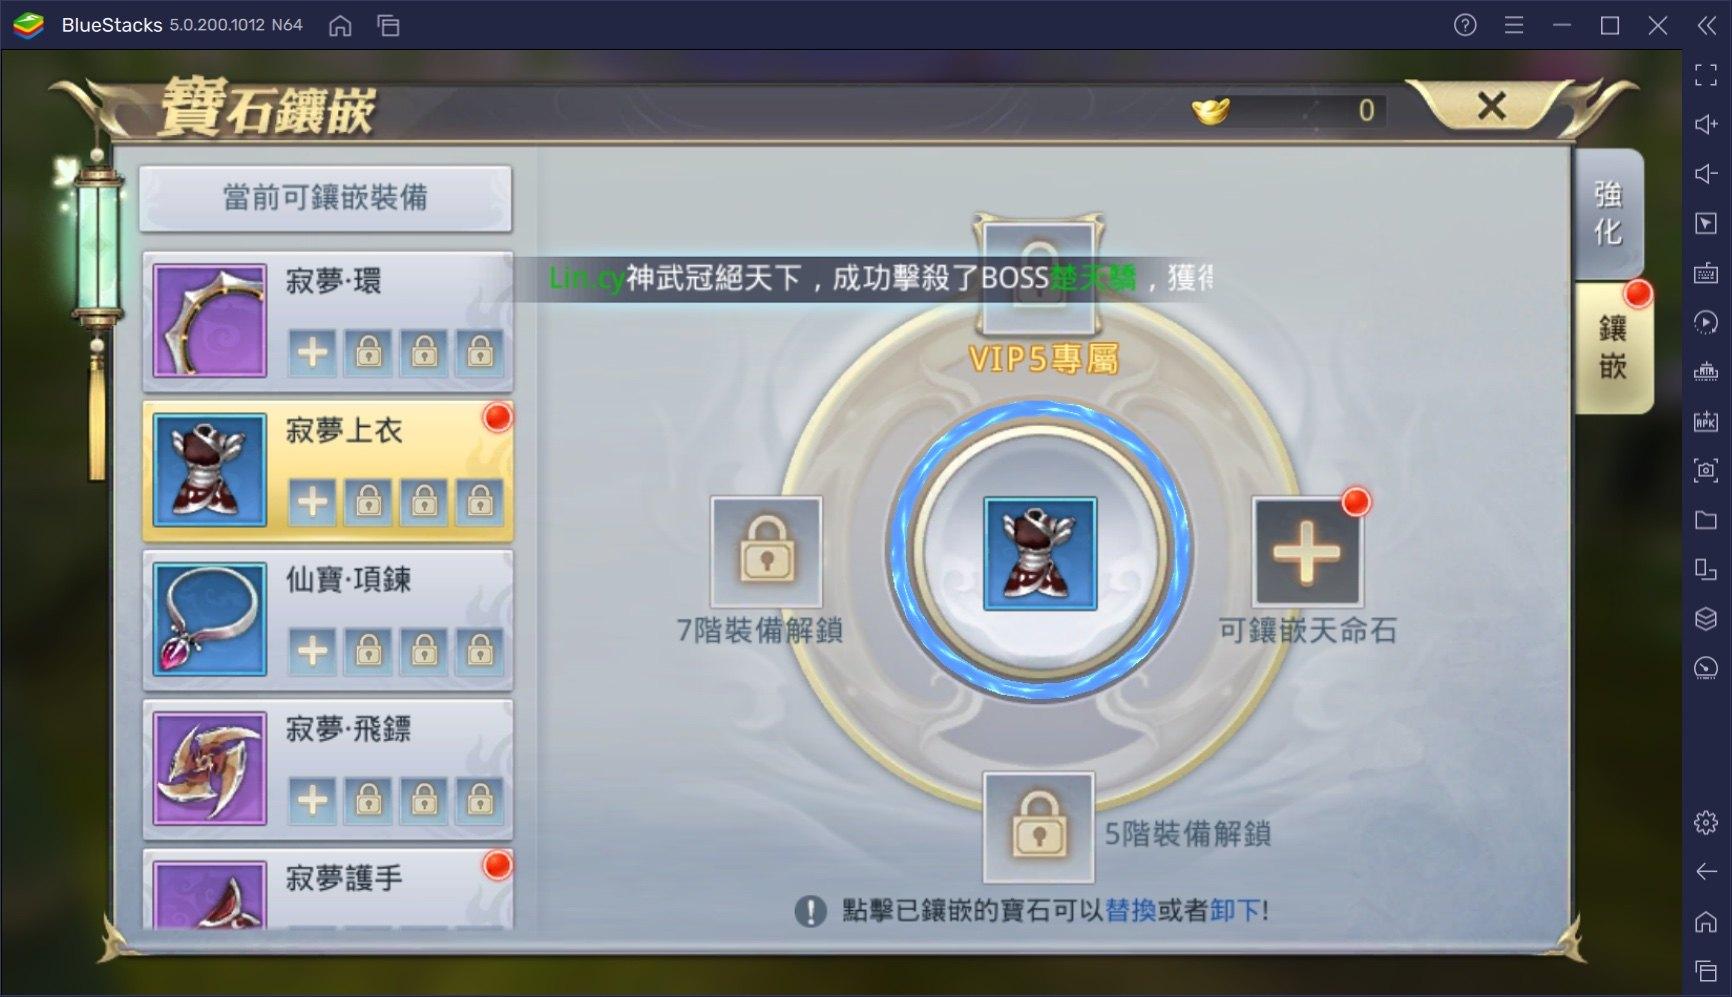 如何使用BlueStacks在電腦上玩手機遊戲《星魂2M》